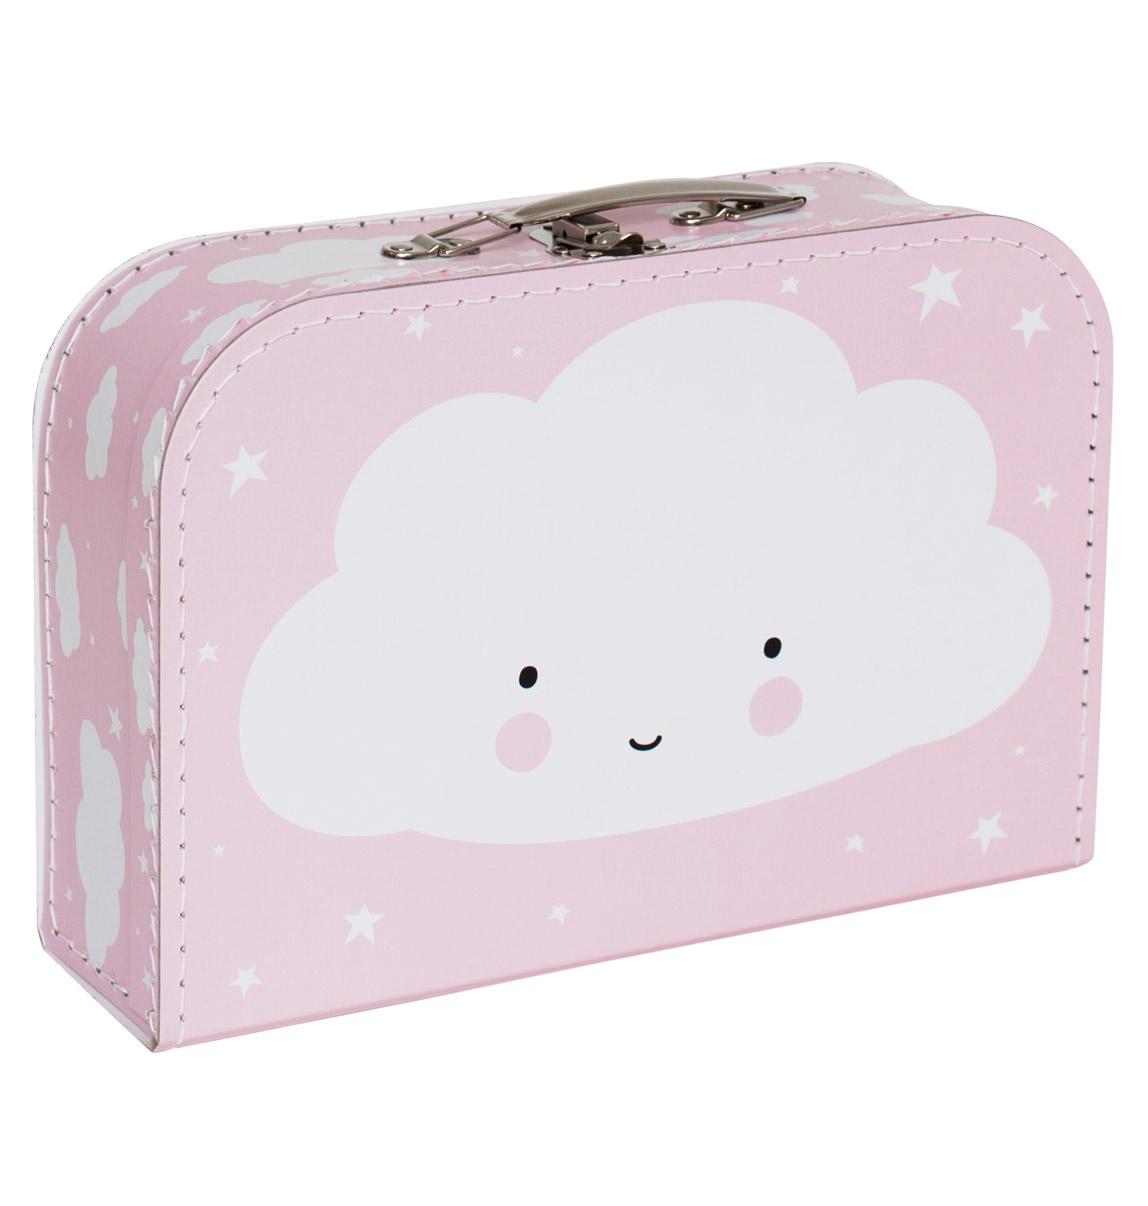 Úložné boxy, krabice, kufříky